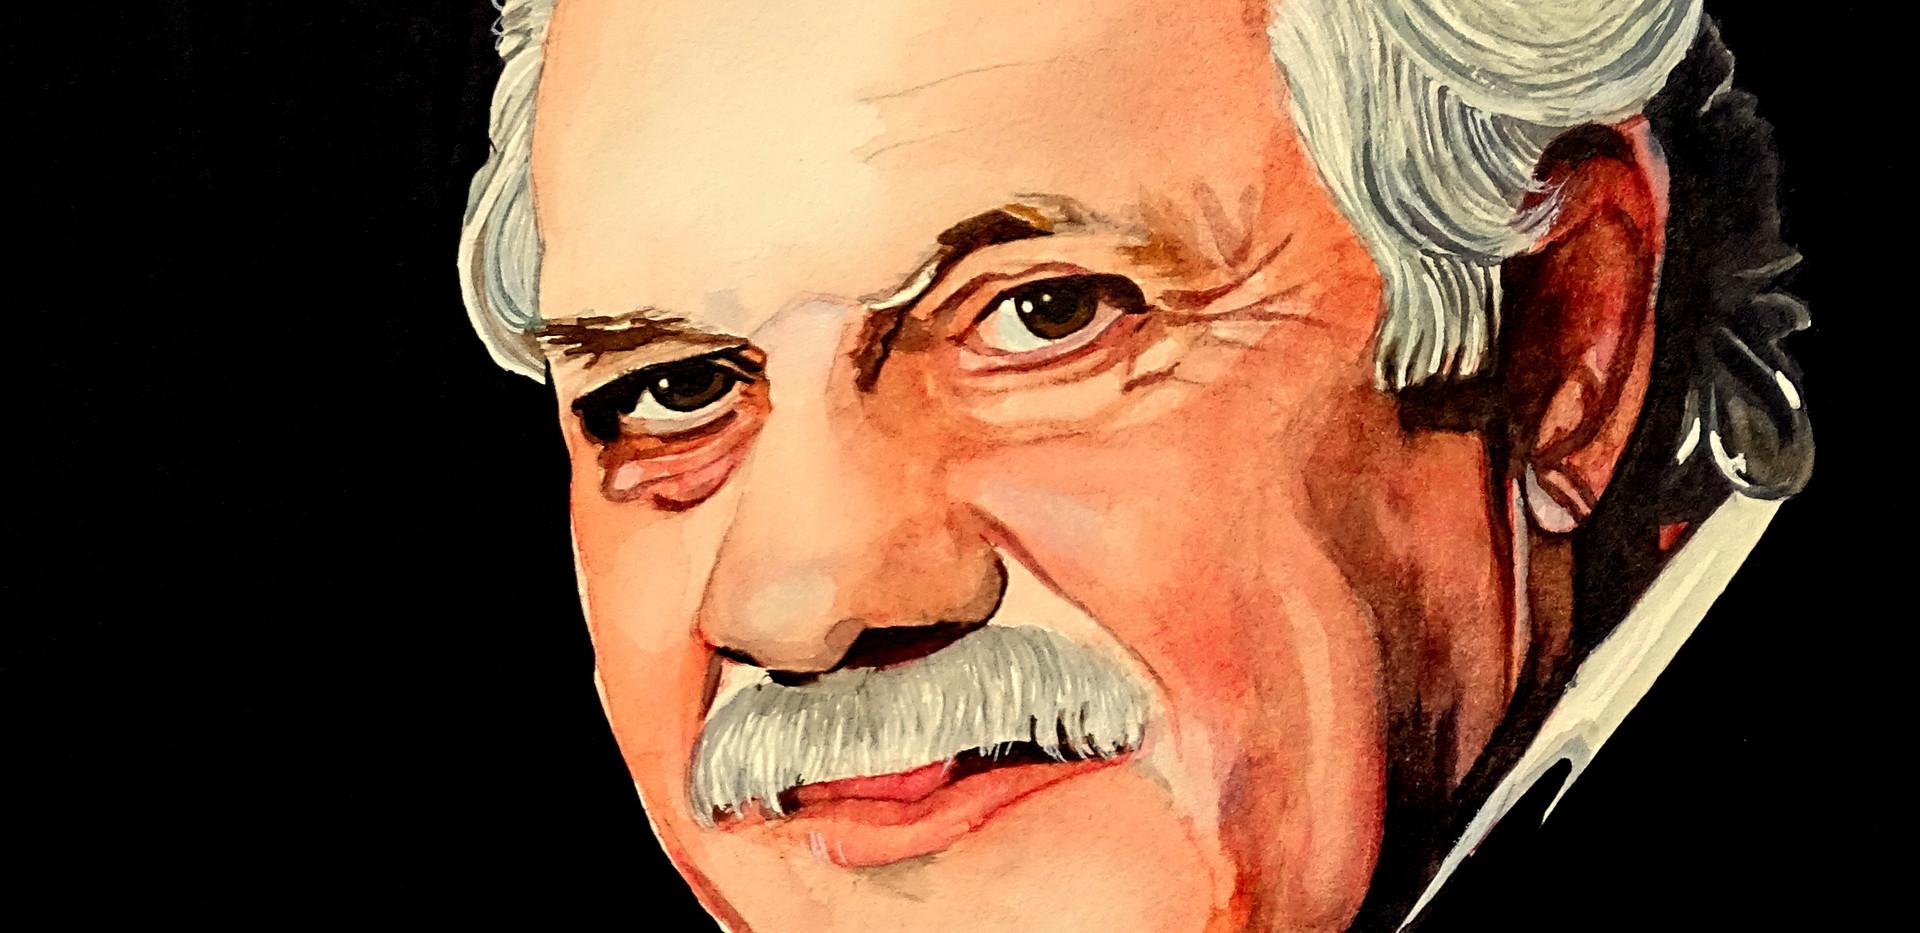 José Manuel Barreto,fadosinger